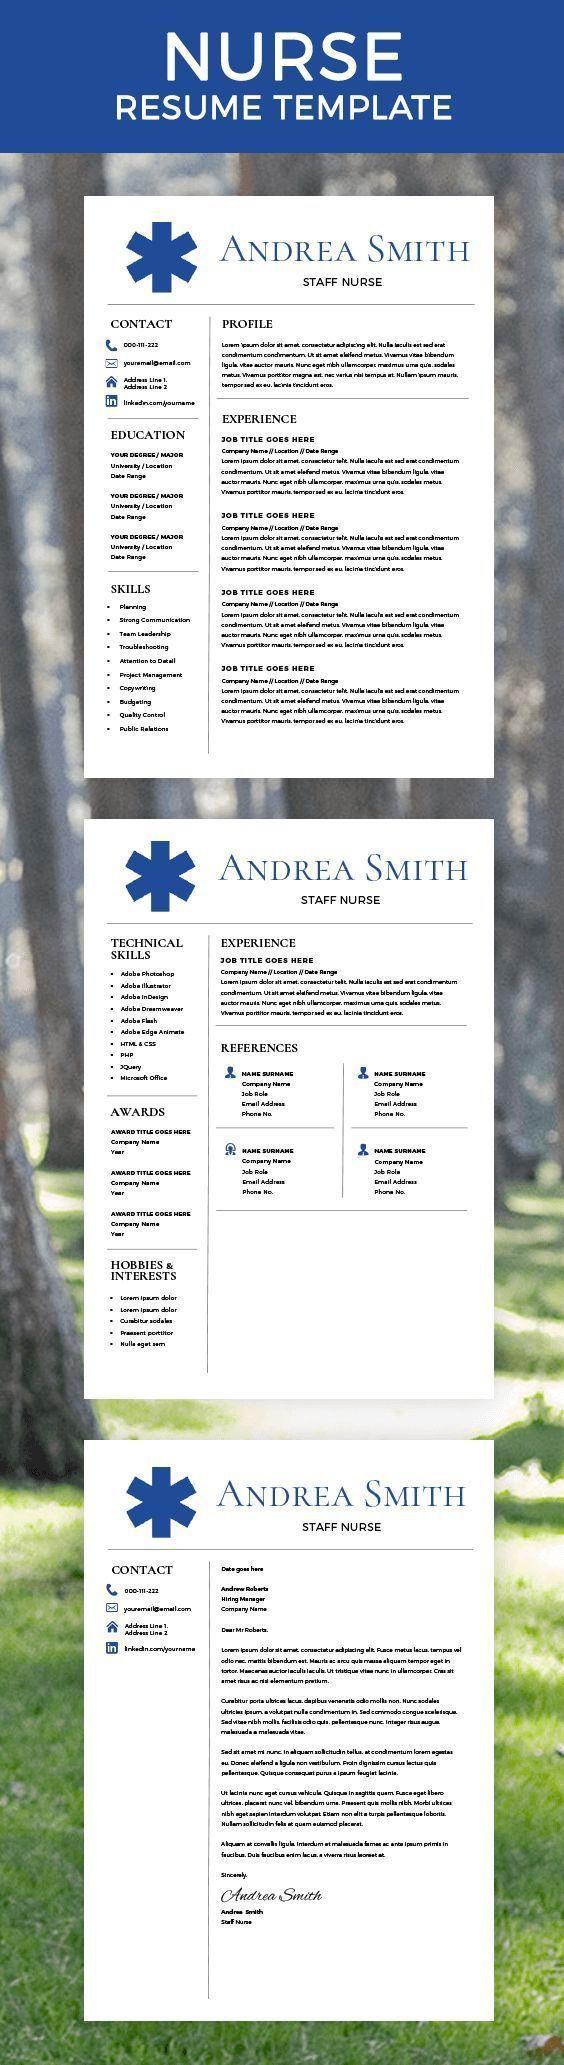 nurse resume template - nursing resume